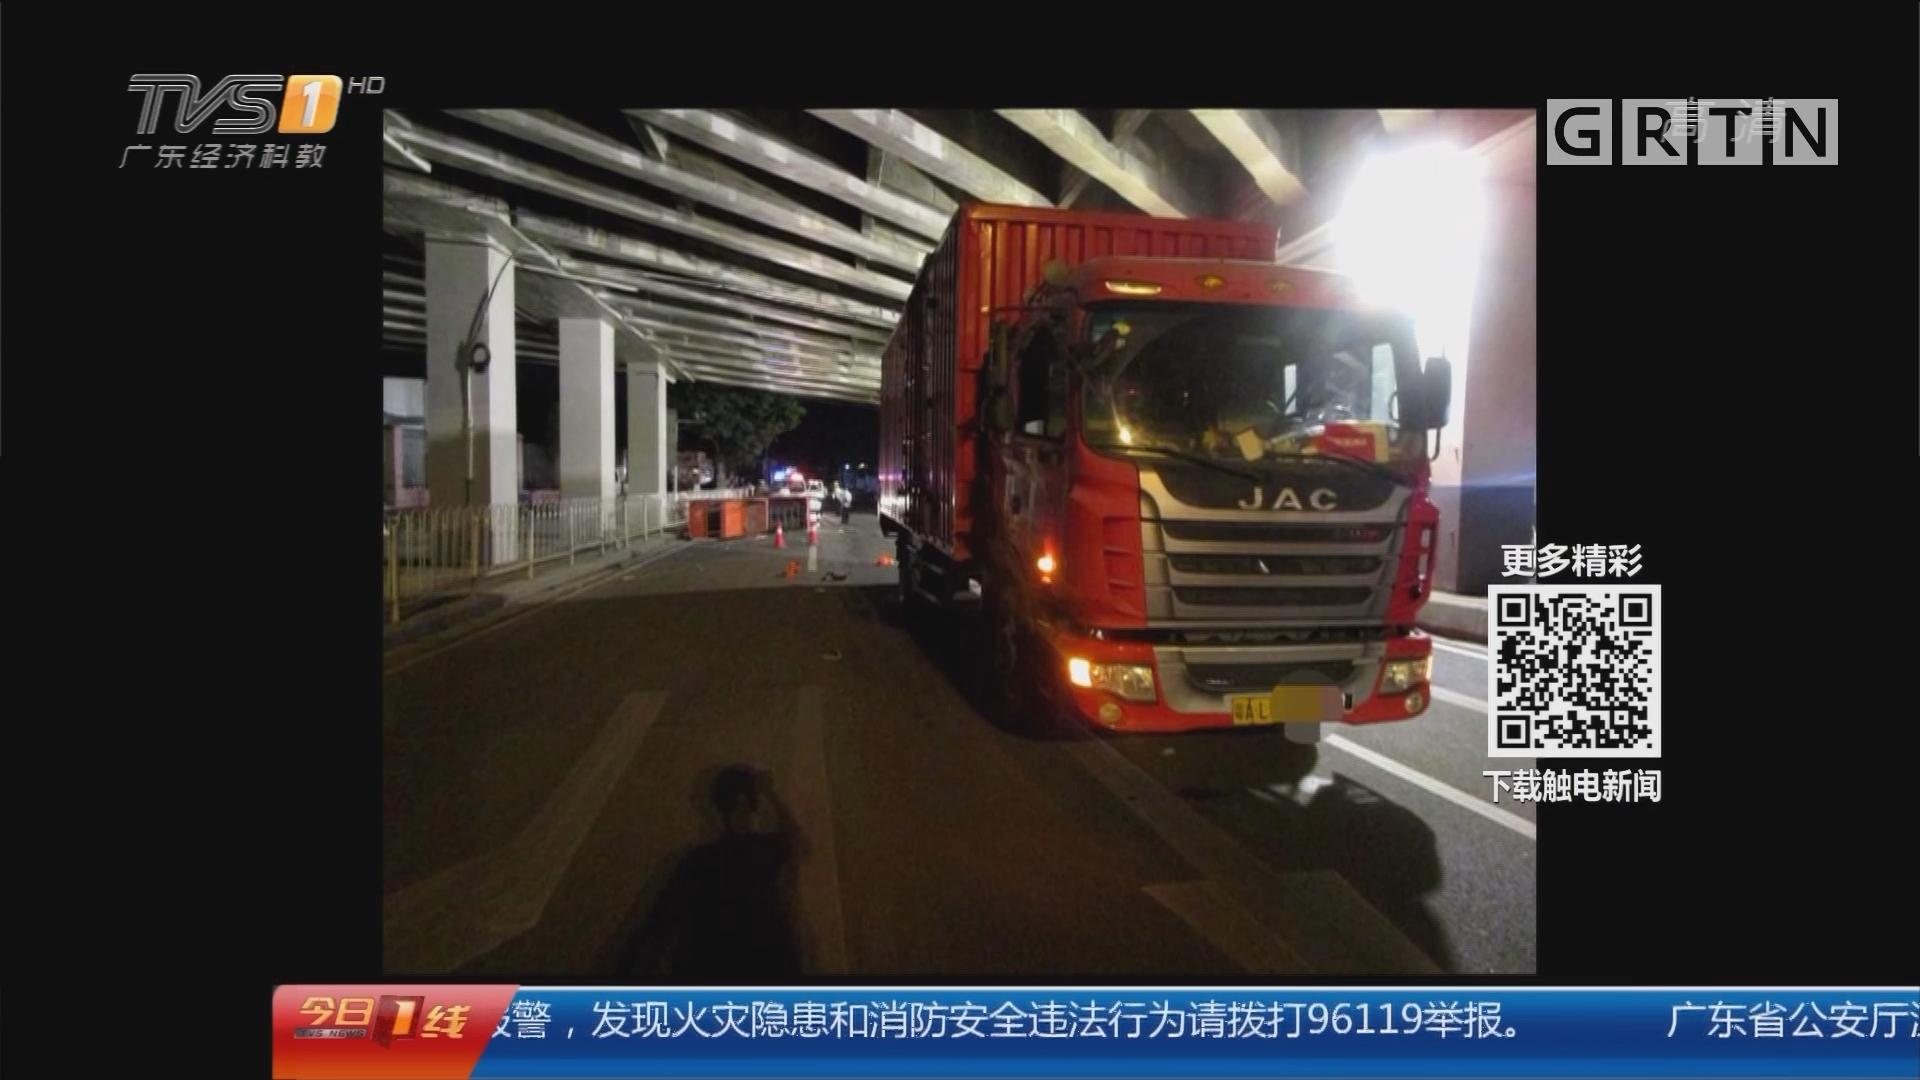 广州:货车撞升降台 施工男子坠落身亡